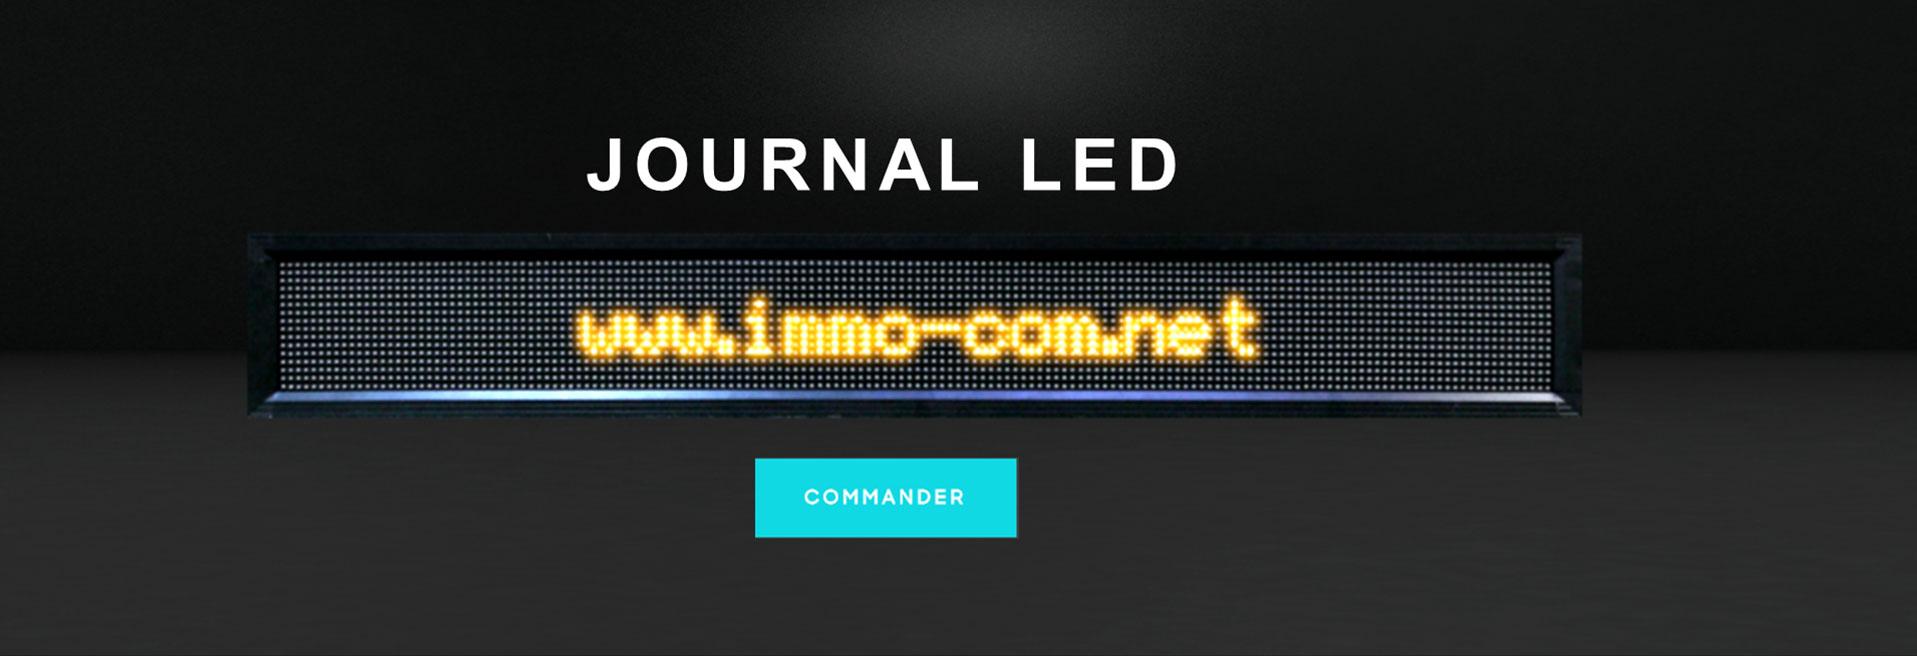 Journal lumineux multicouleur alphanumérique